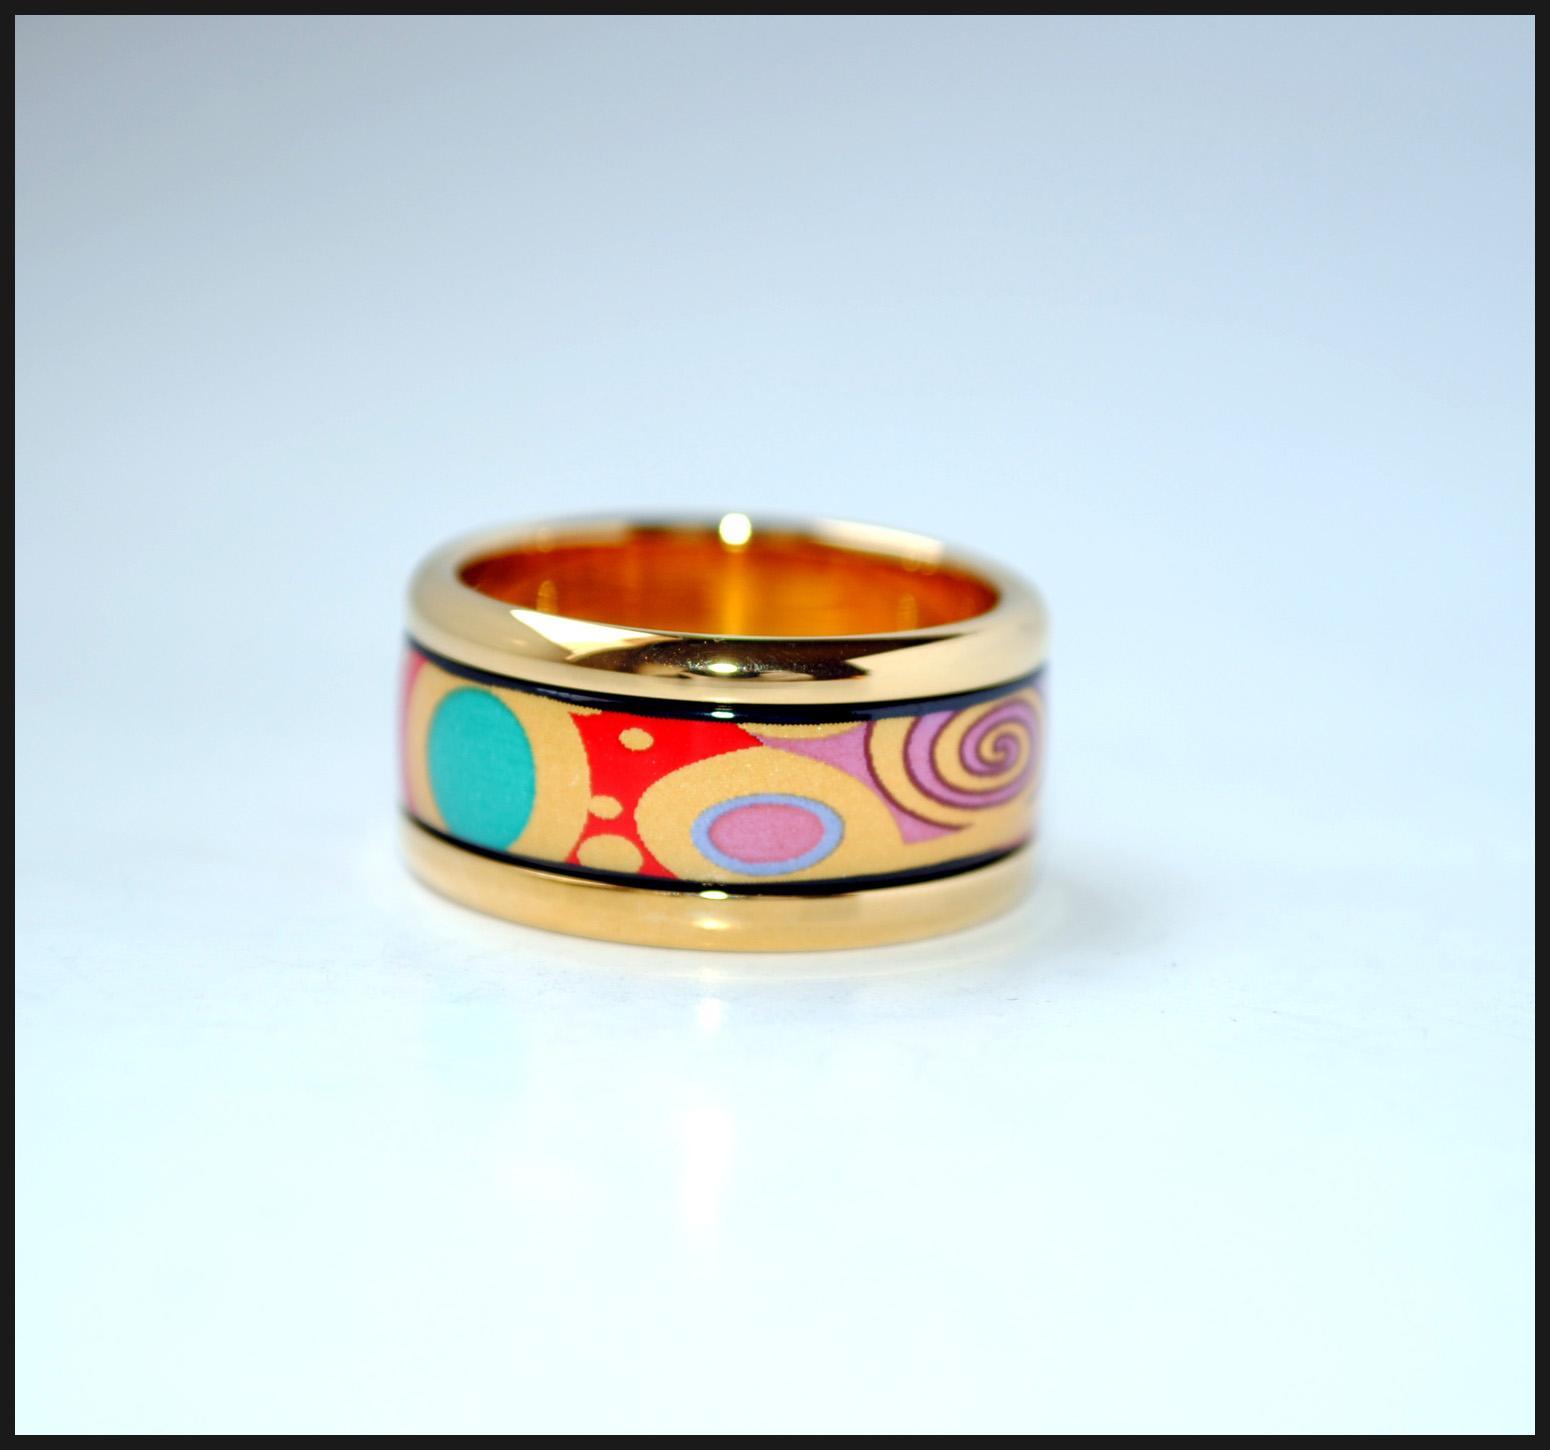 Tree of Life series 18K anillos de esmalte dorado Anillo de calidad superior para mujeres anillos de banda para regalo